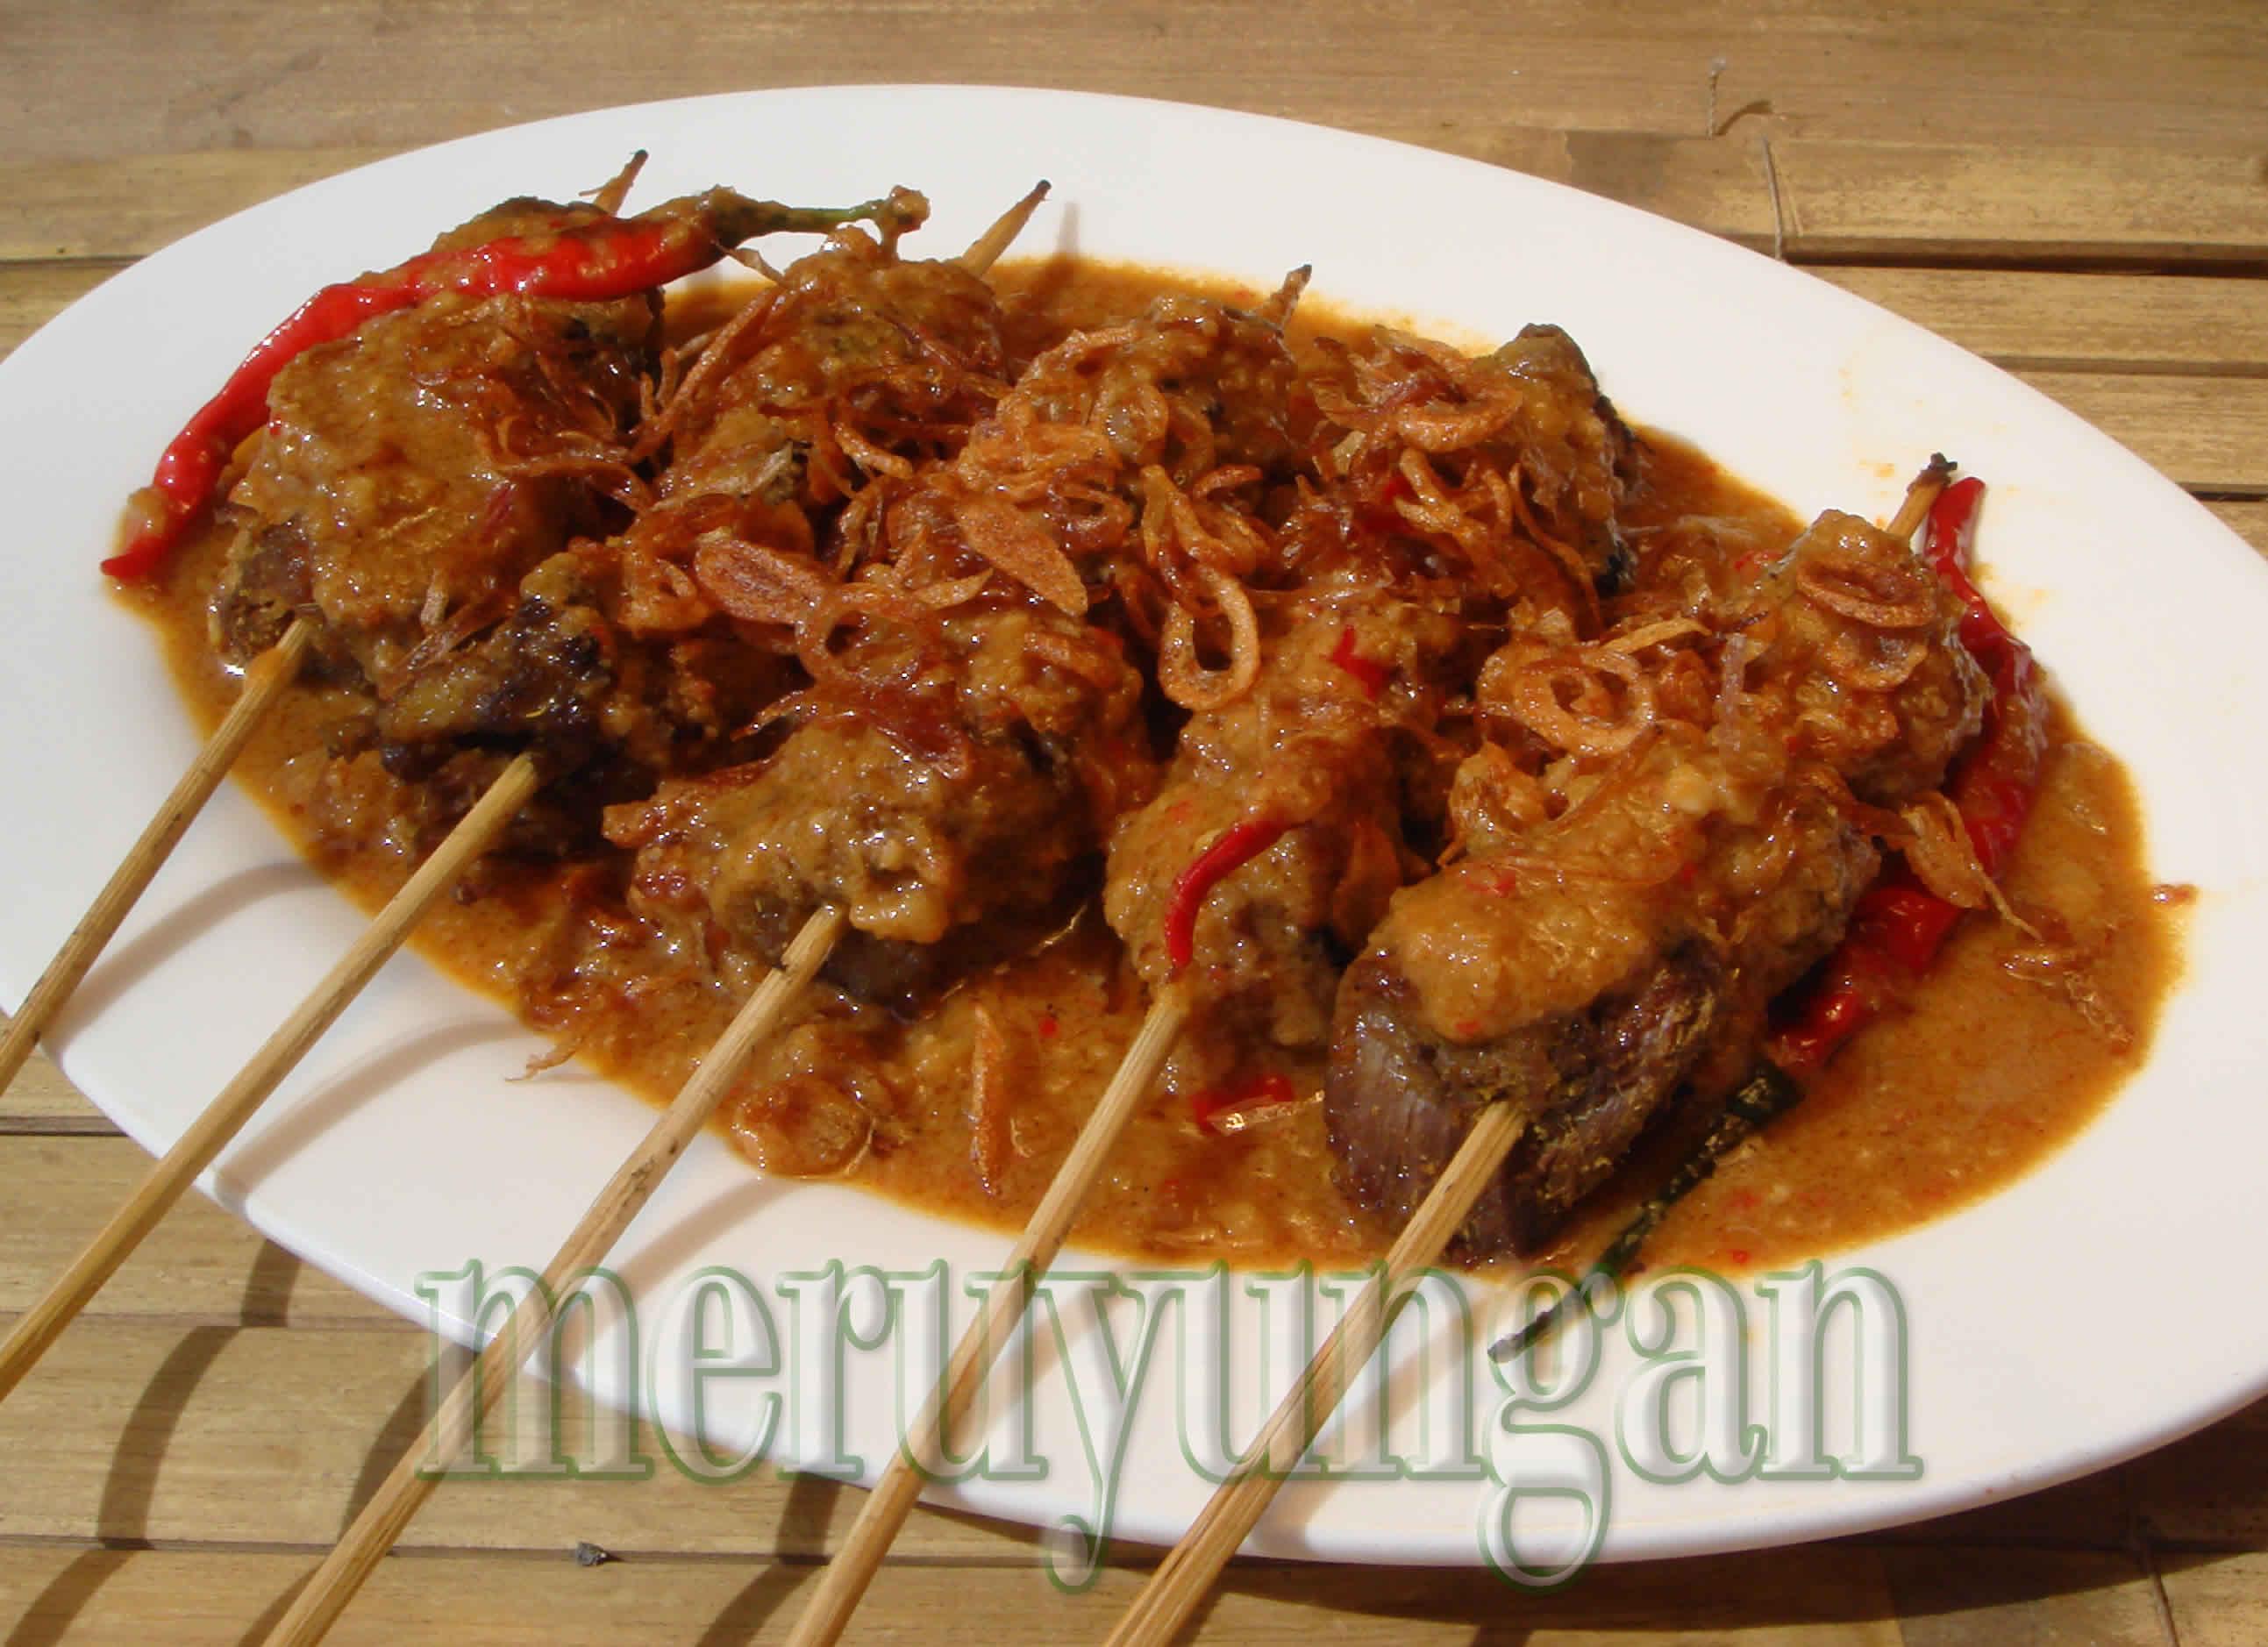 Sate Kajang (sate ayam bumbu kacang dengan aroma timur tengah)